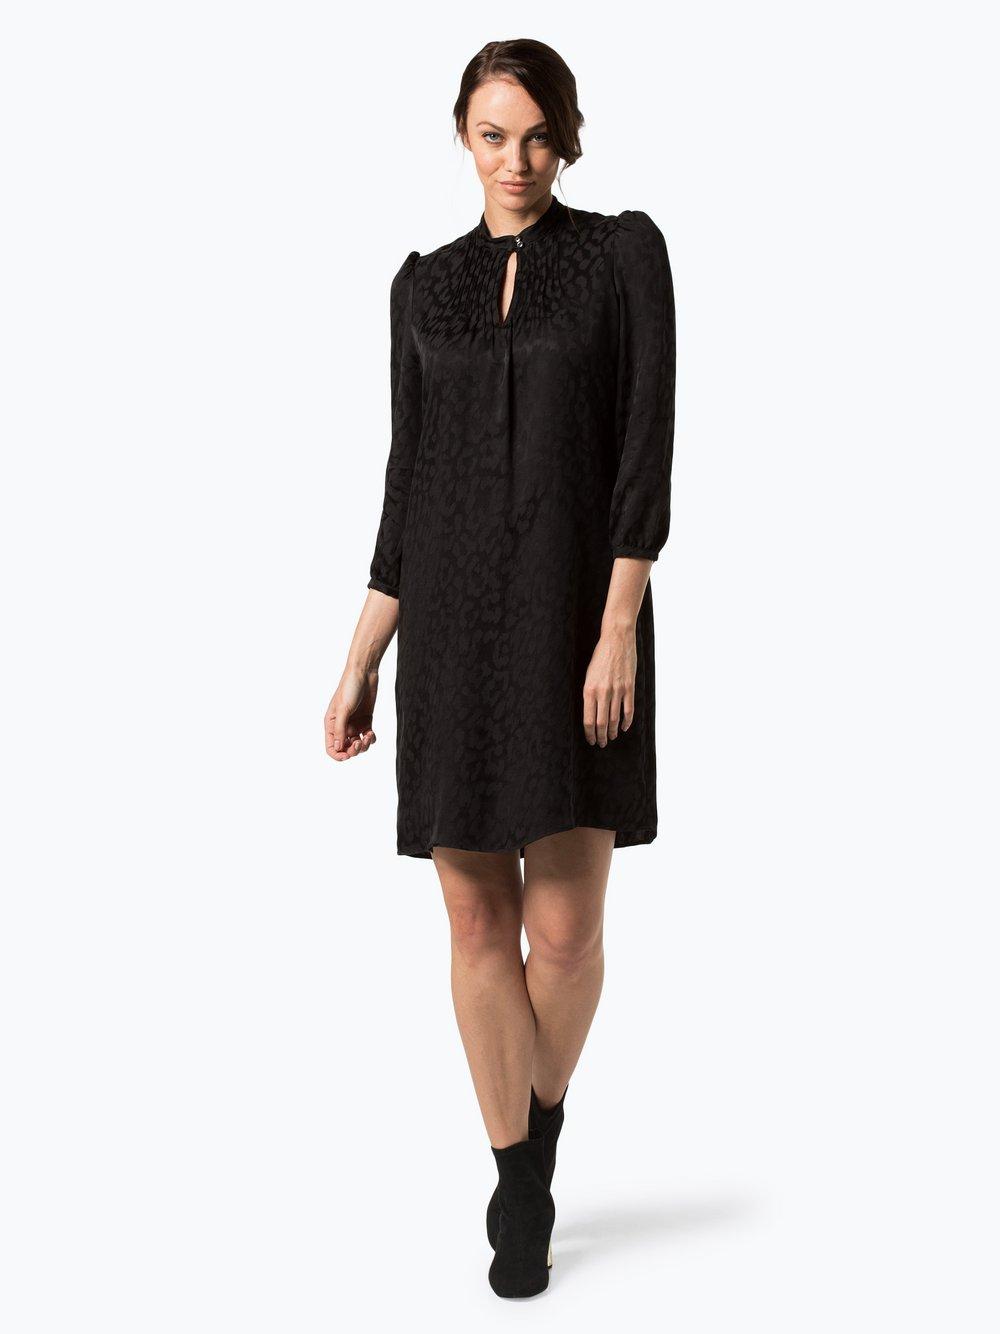 c361acc26cf7 Drykorn Damen Kleid - Juliette online kaufen | VANGRAAF.COM